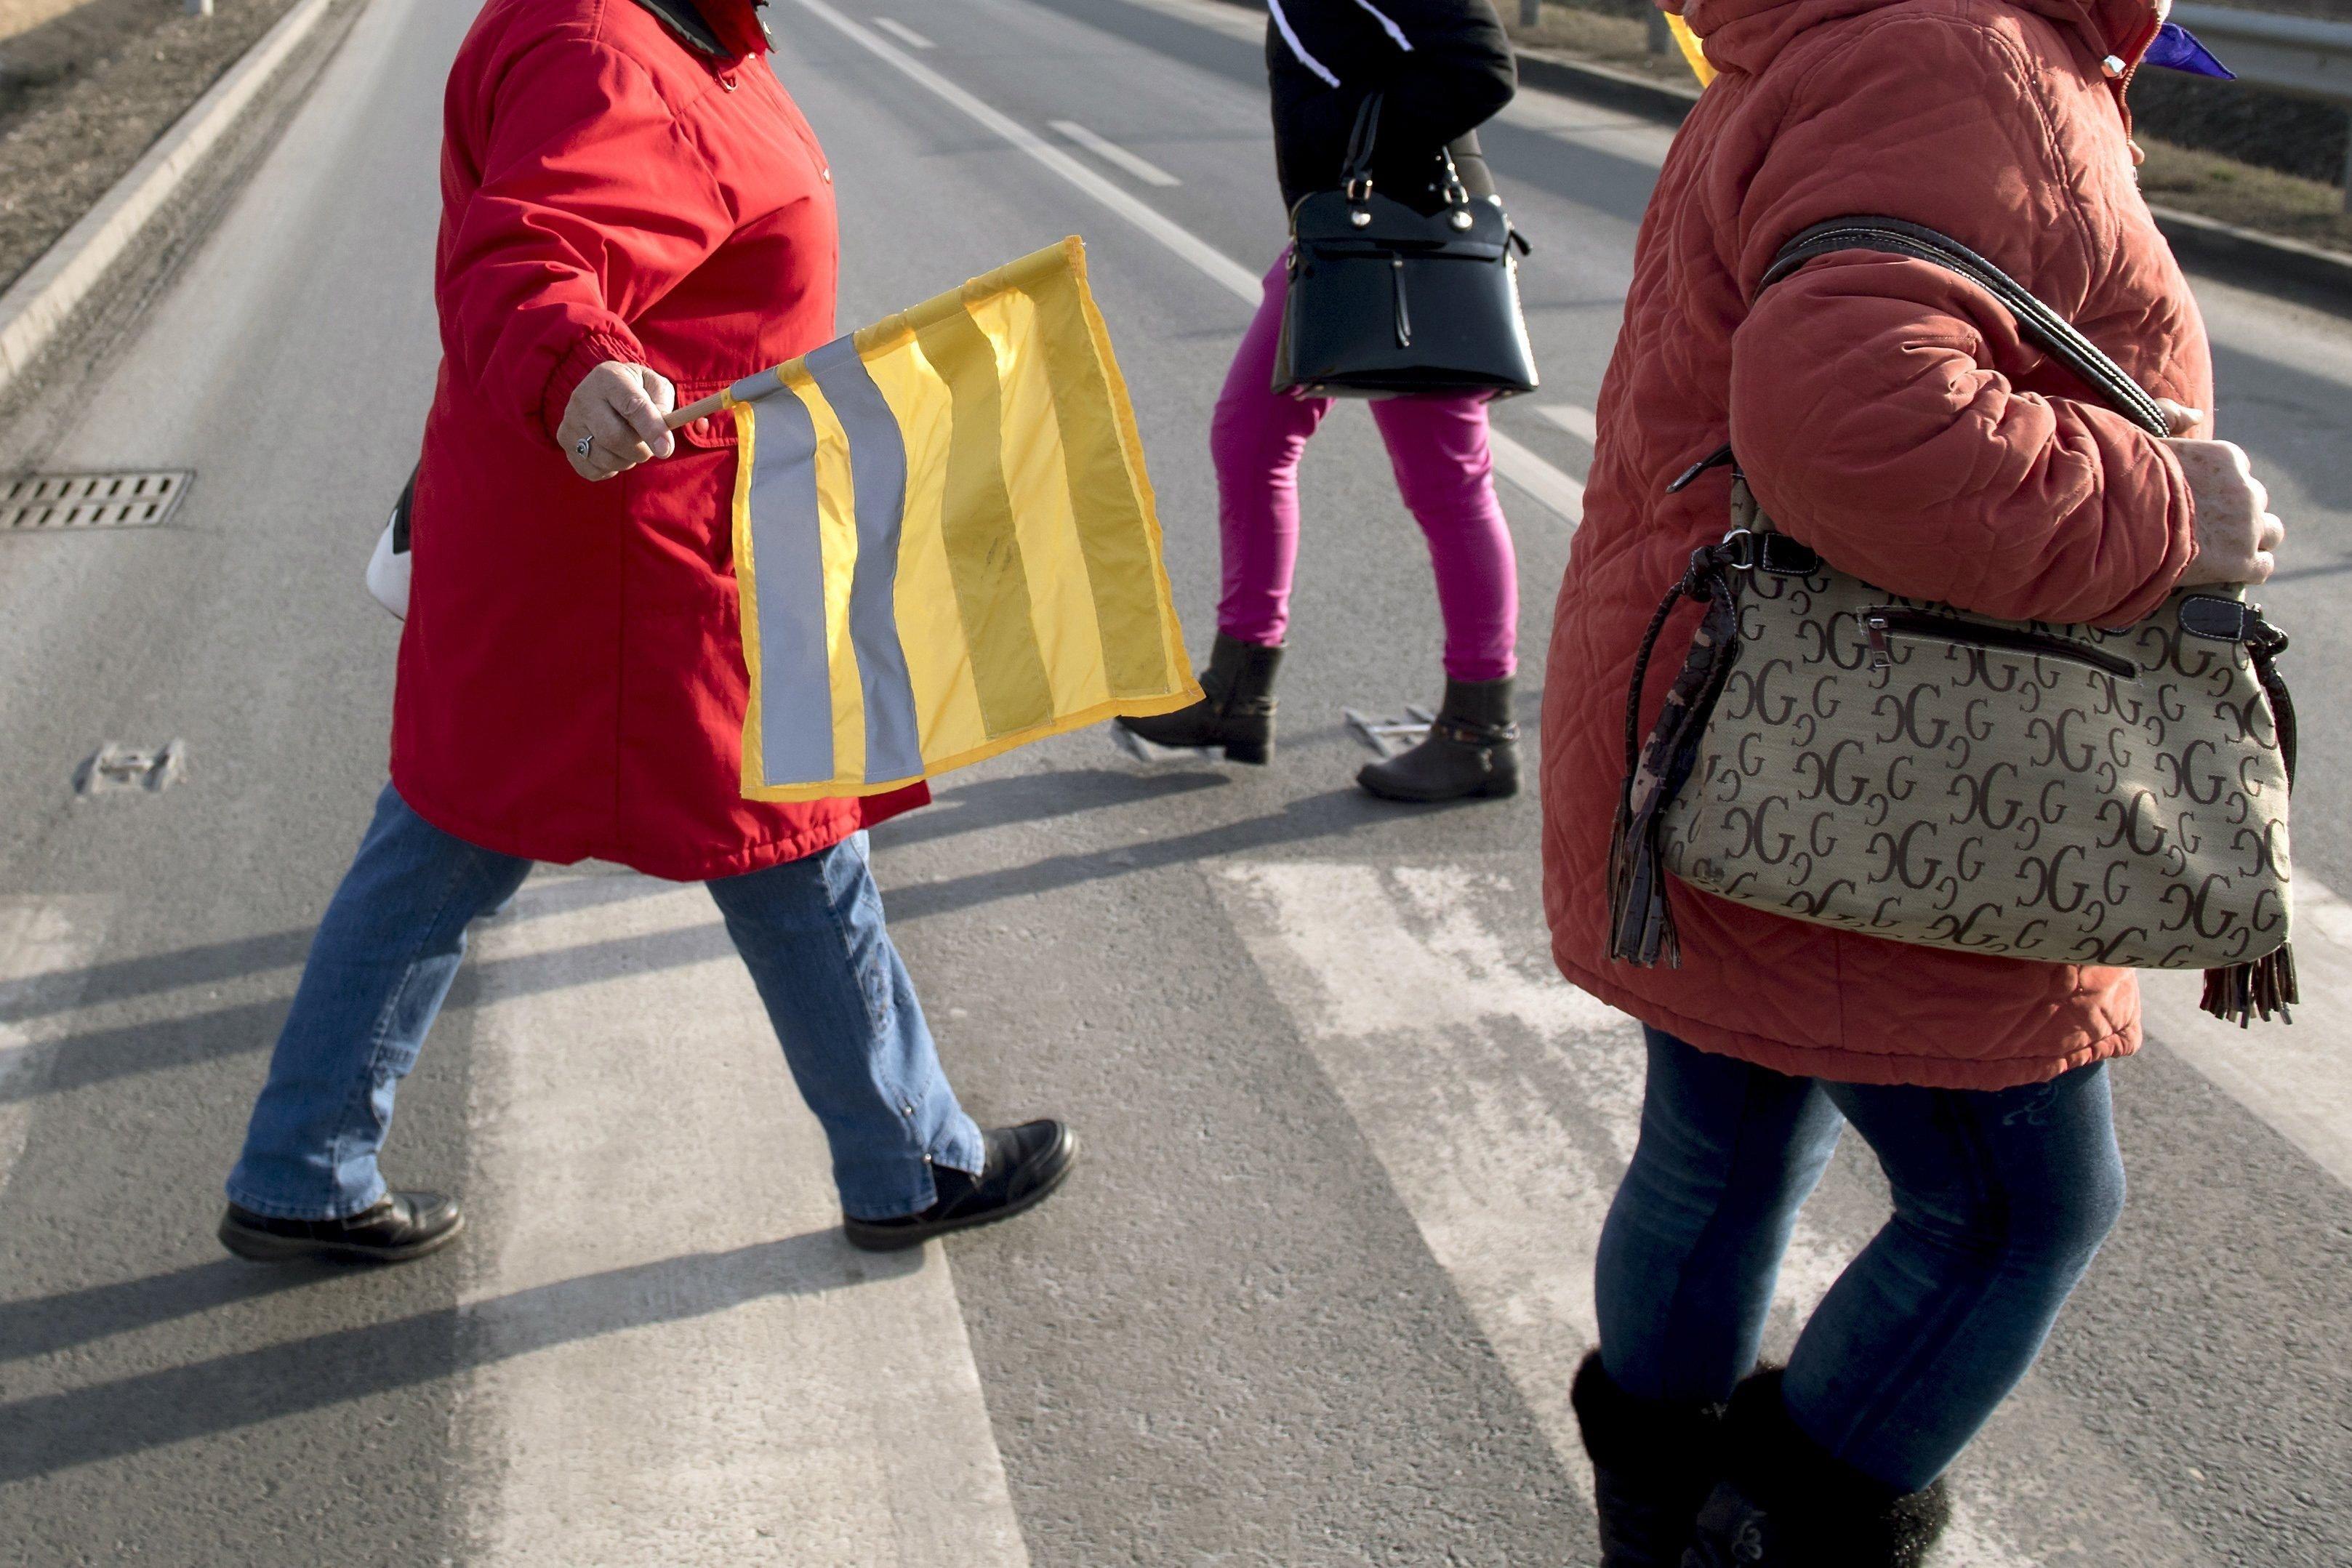 Zászlós zebrákkal védekeznek a gyalogosok a baleset ellen